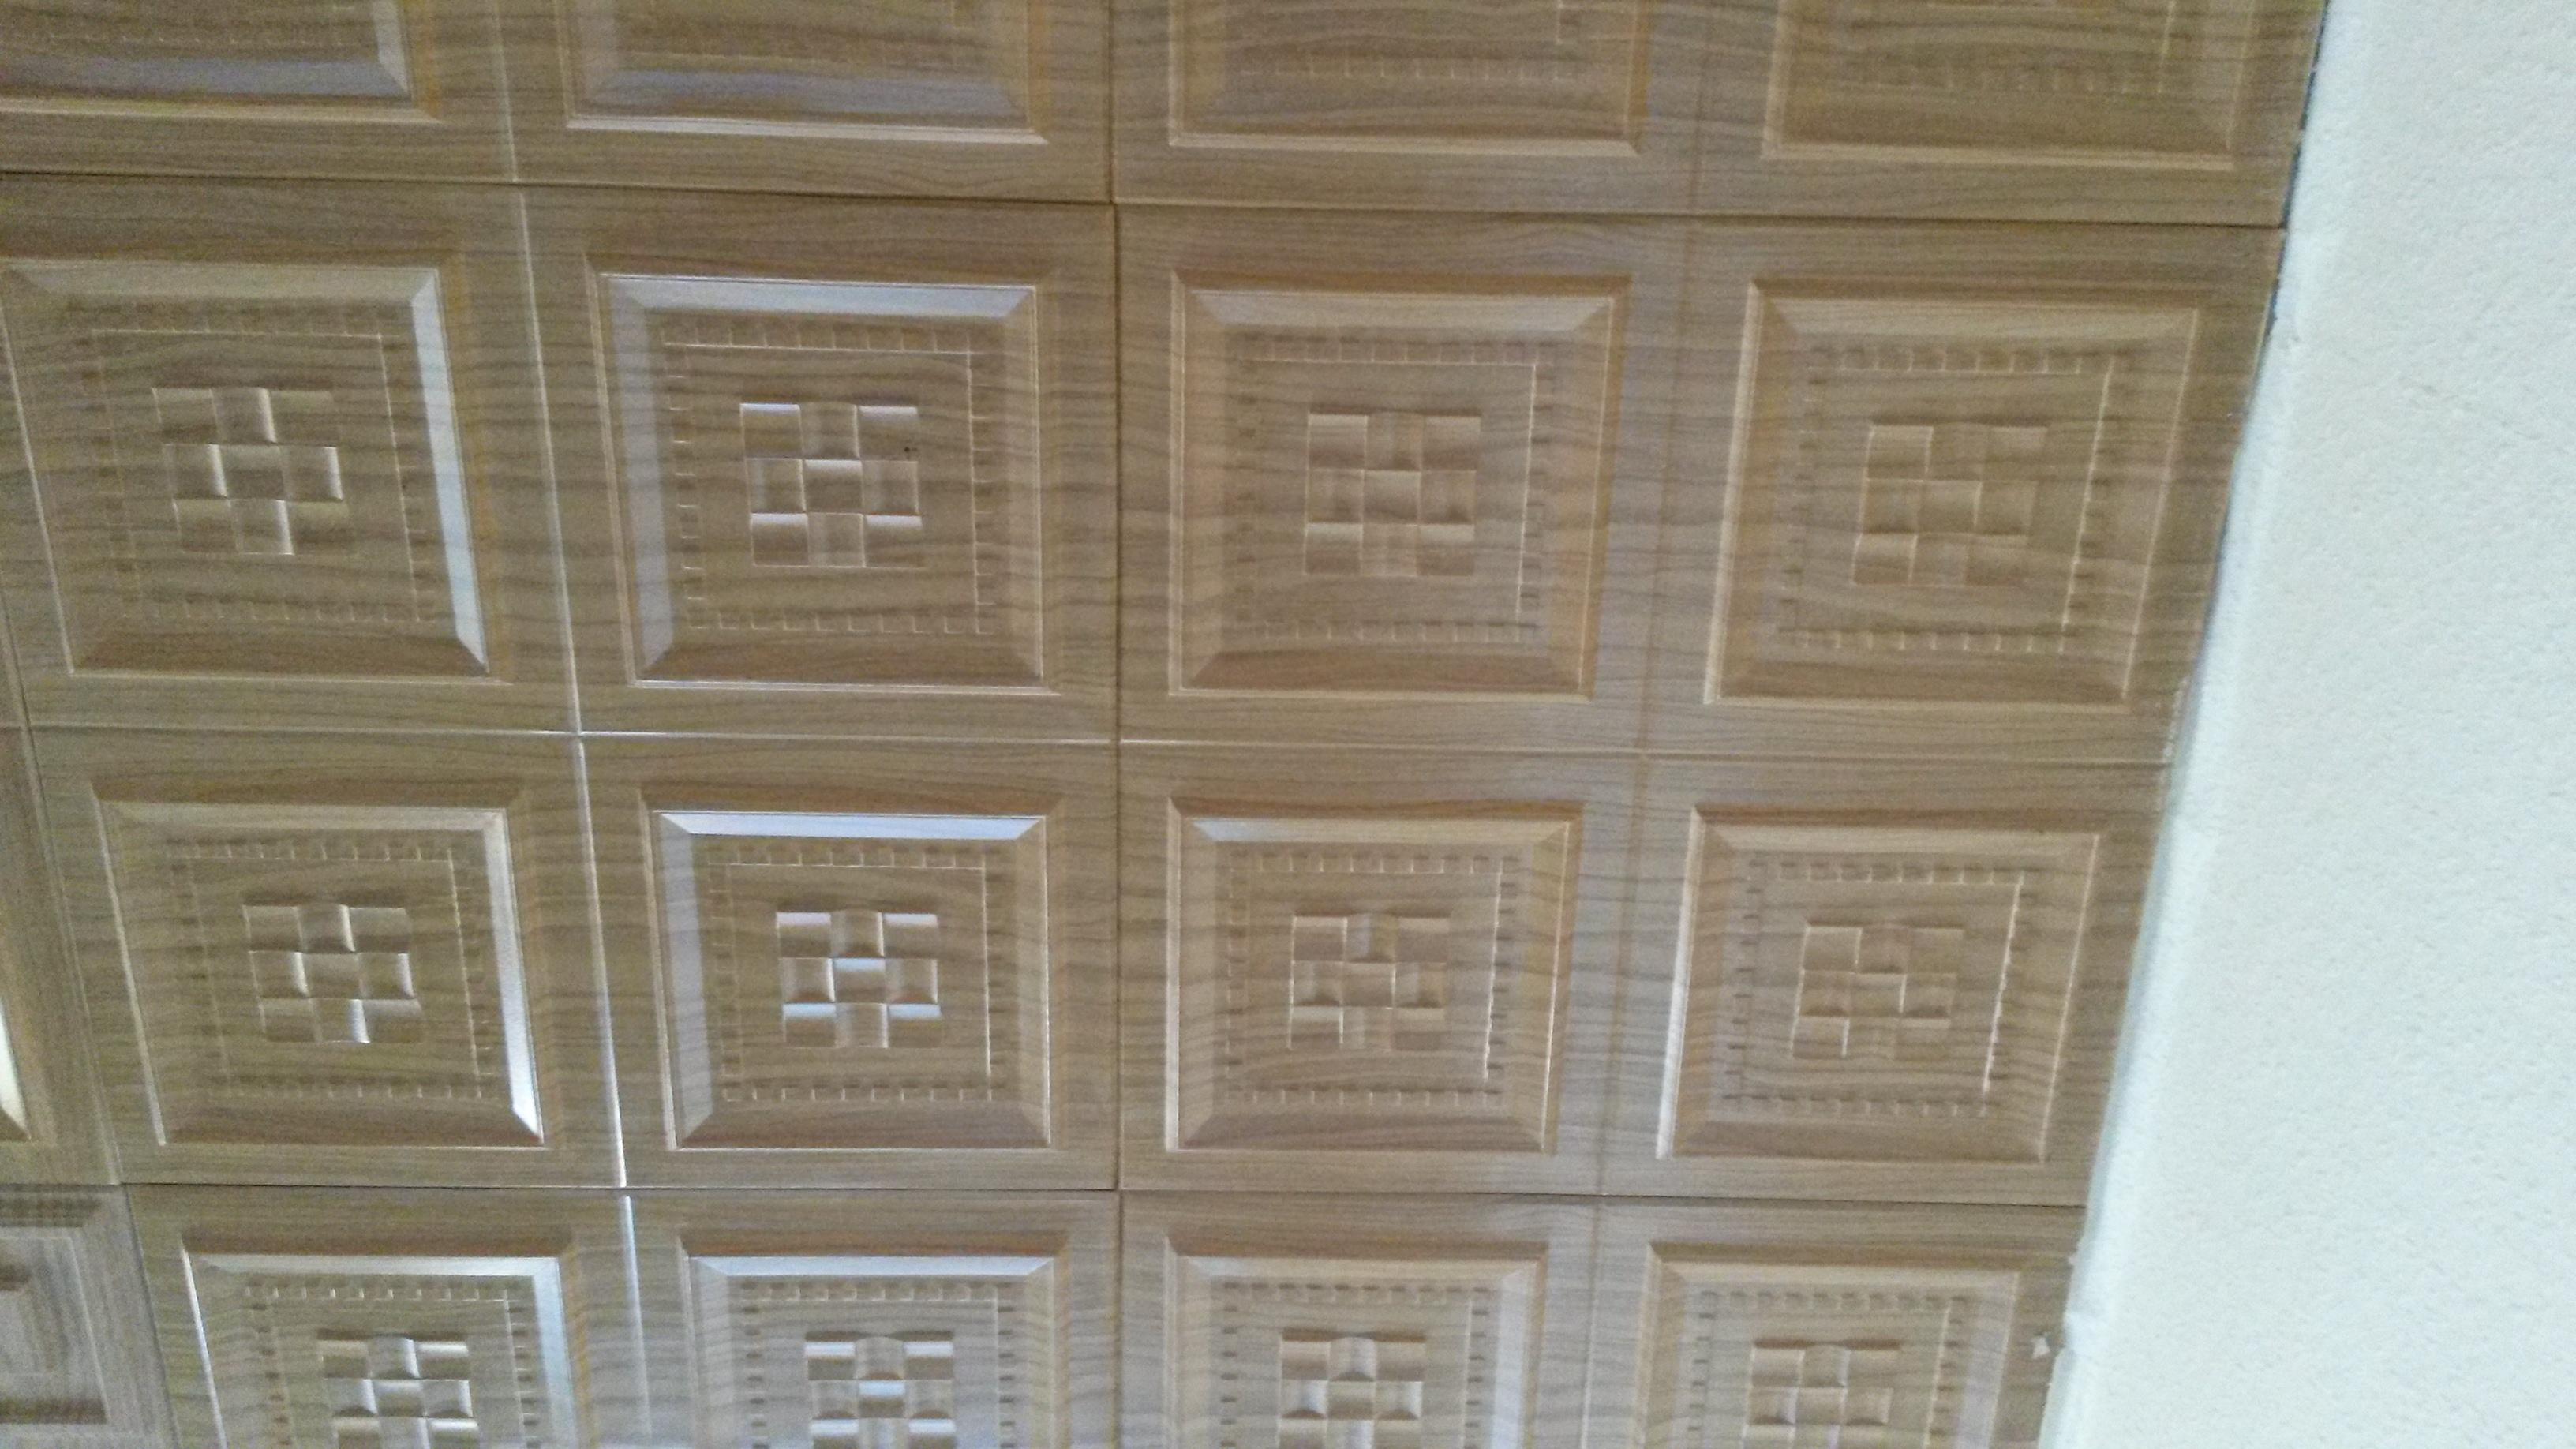 decke styroporplatten schnell sauber preiswert m belideen. Black Bedroom Furniture Sets. Home Design Ideas